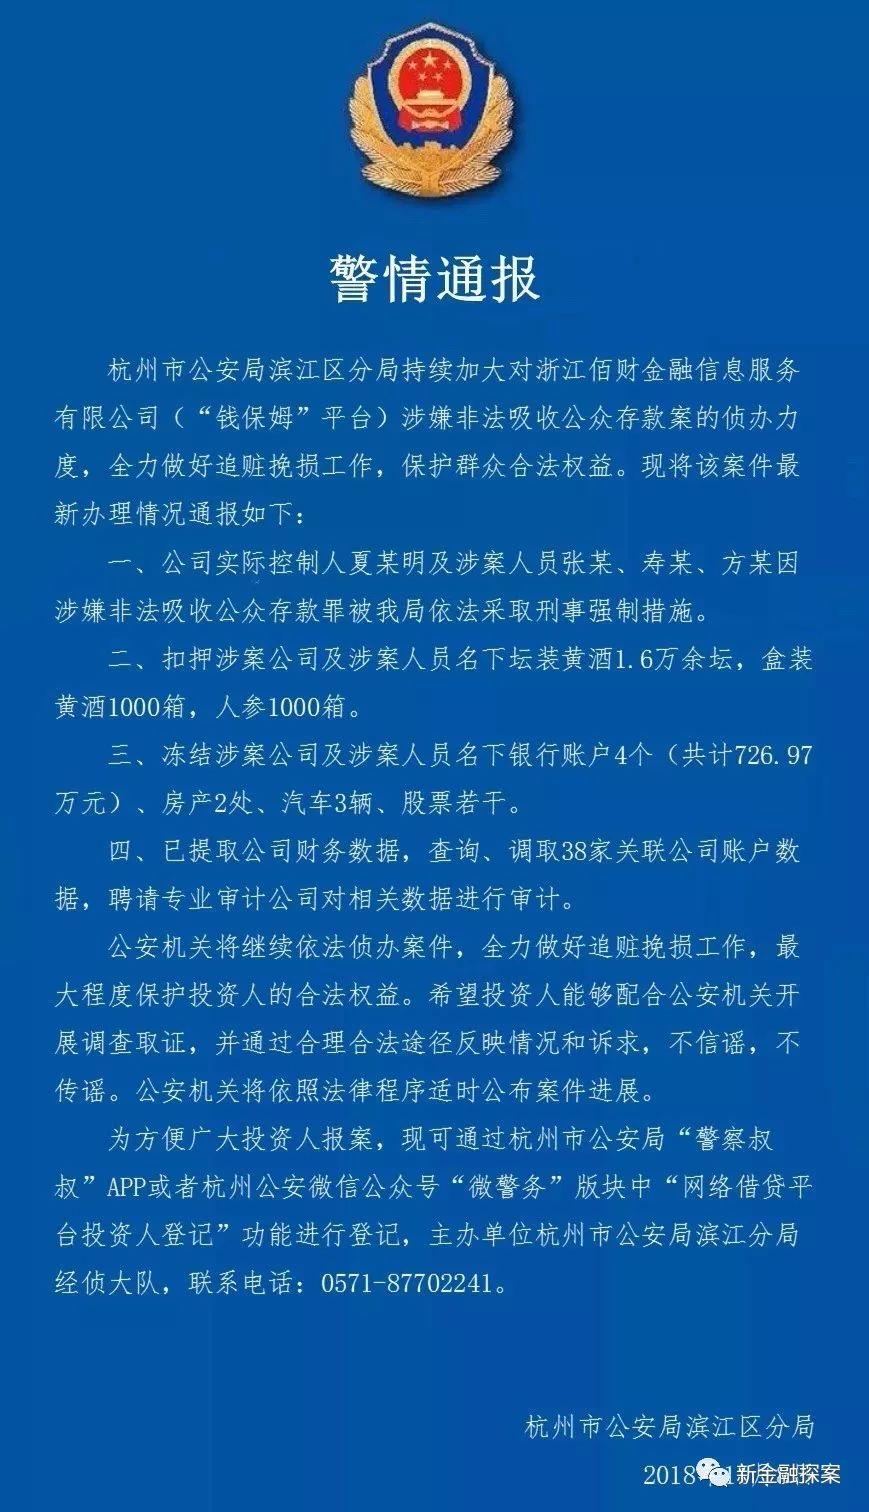 金储宝等7家杭州P2P案件通报:18人被采取刑事强制措施,2人被上网追逃!